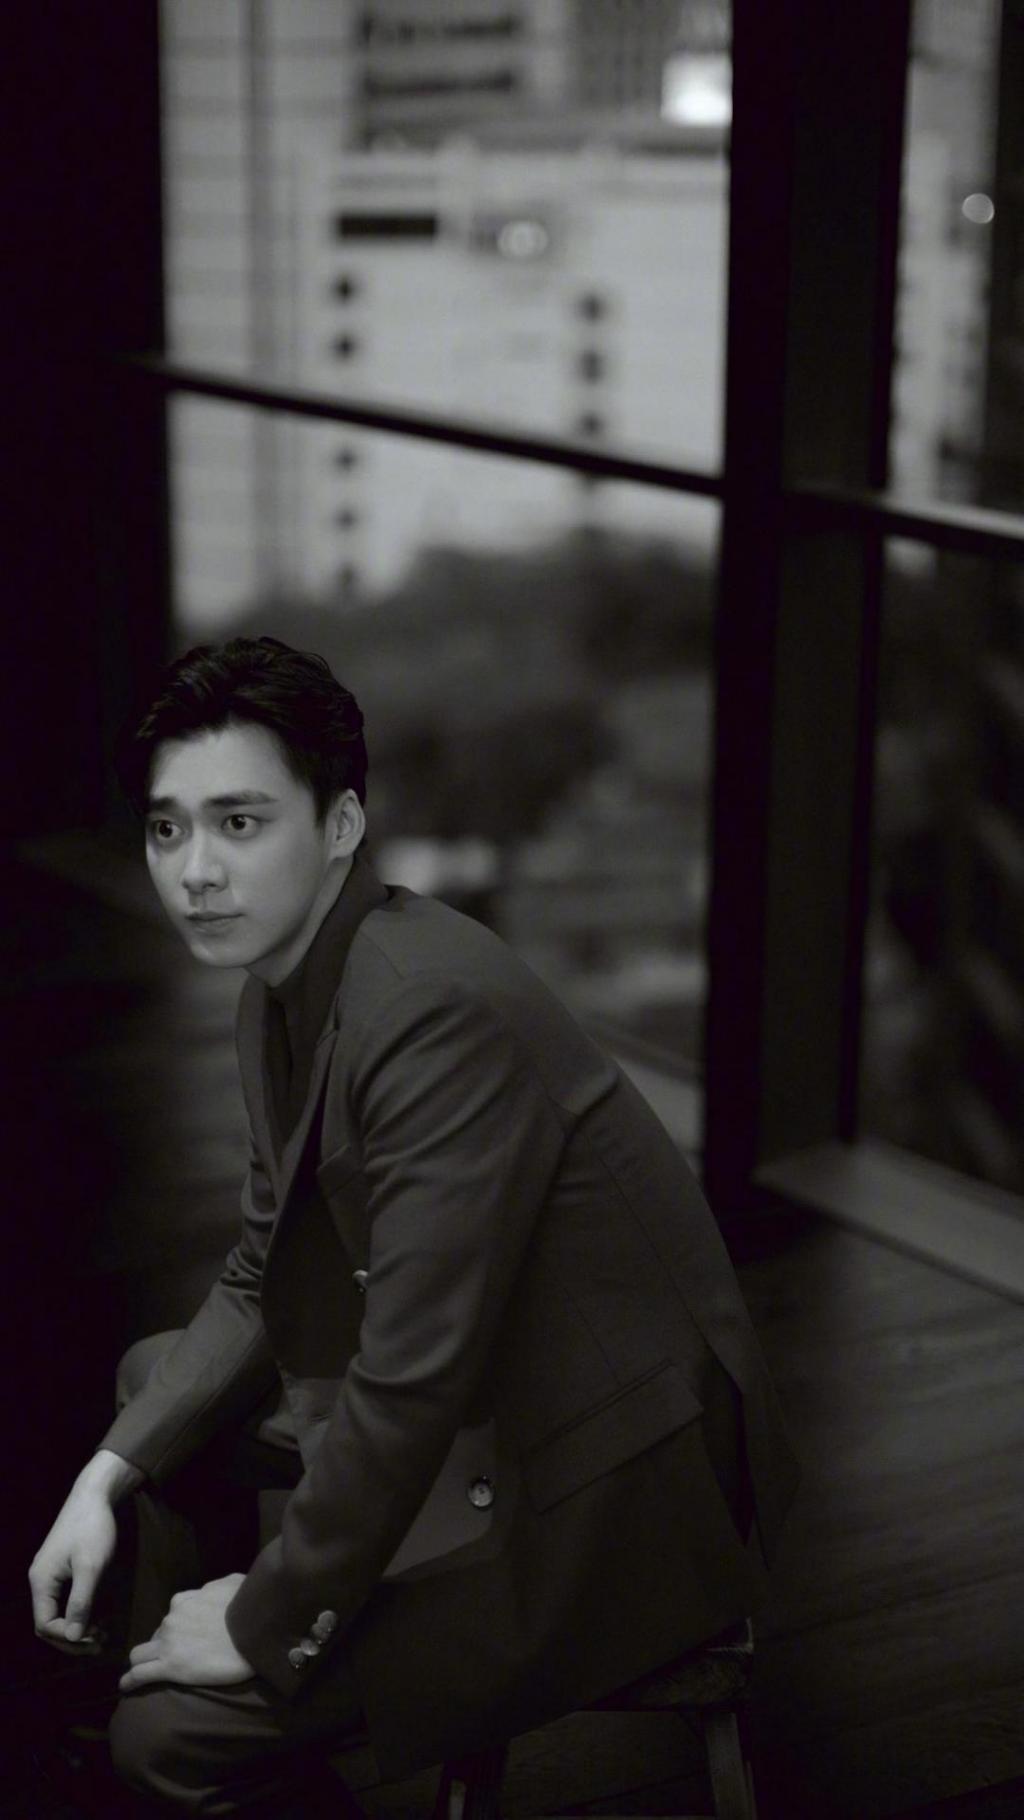 帅气有型西装男孩李易峰时尚写真手机壁纸